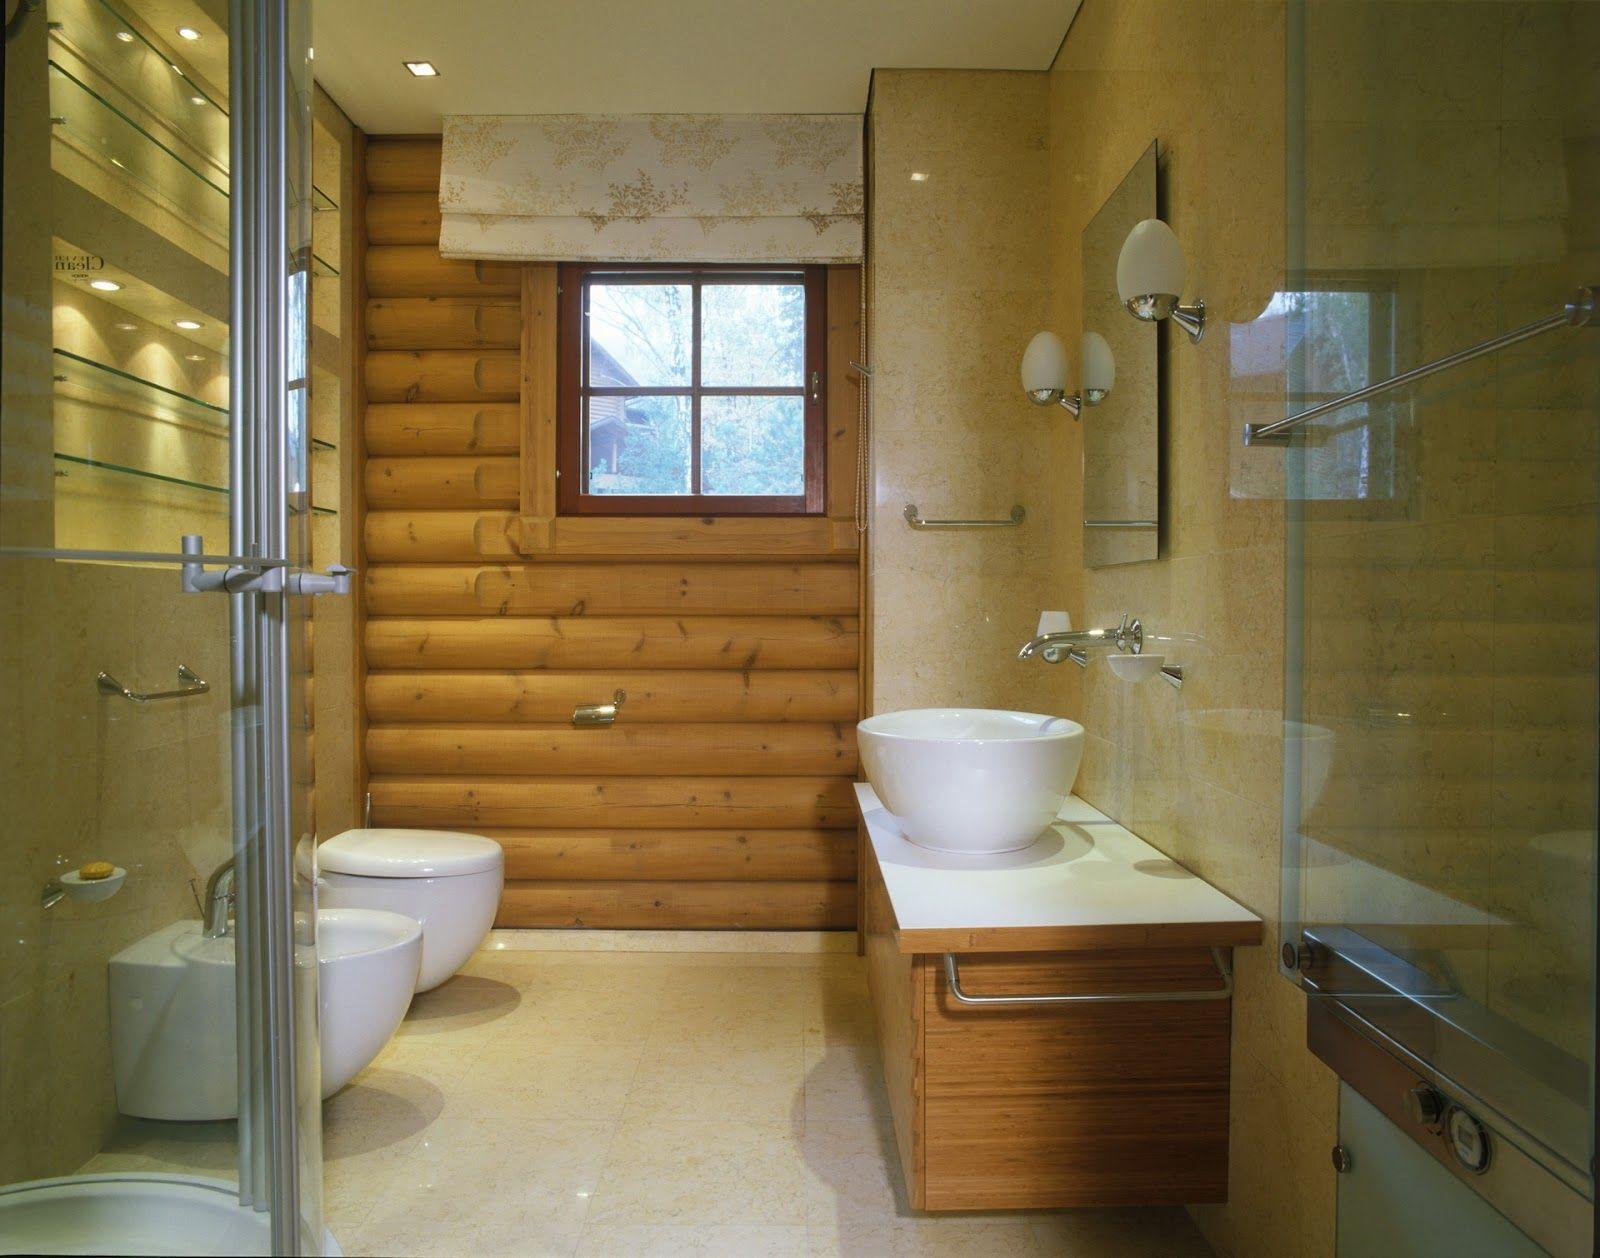 Ванная комната в деревянном доме: правила обустройства и особенности отделки